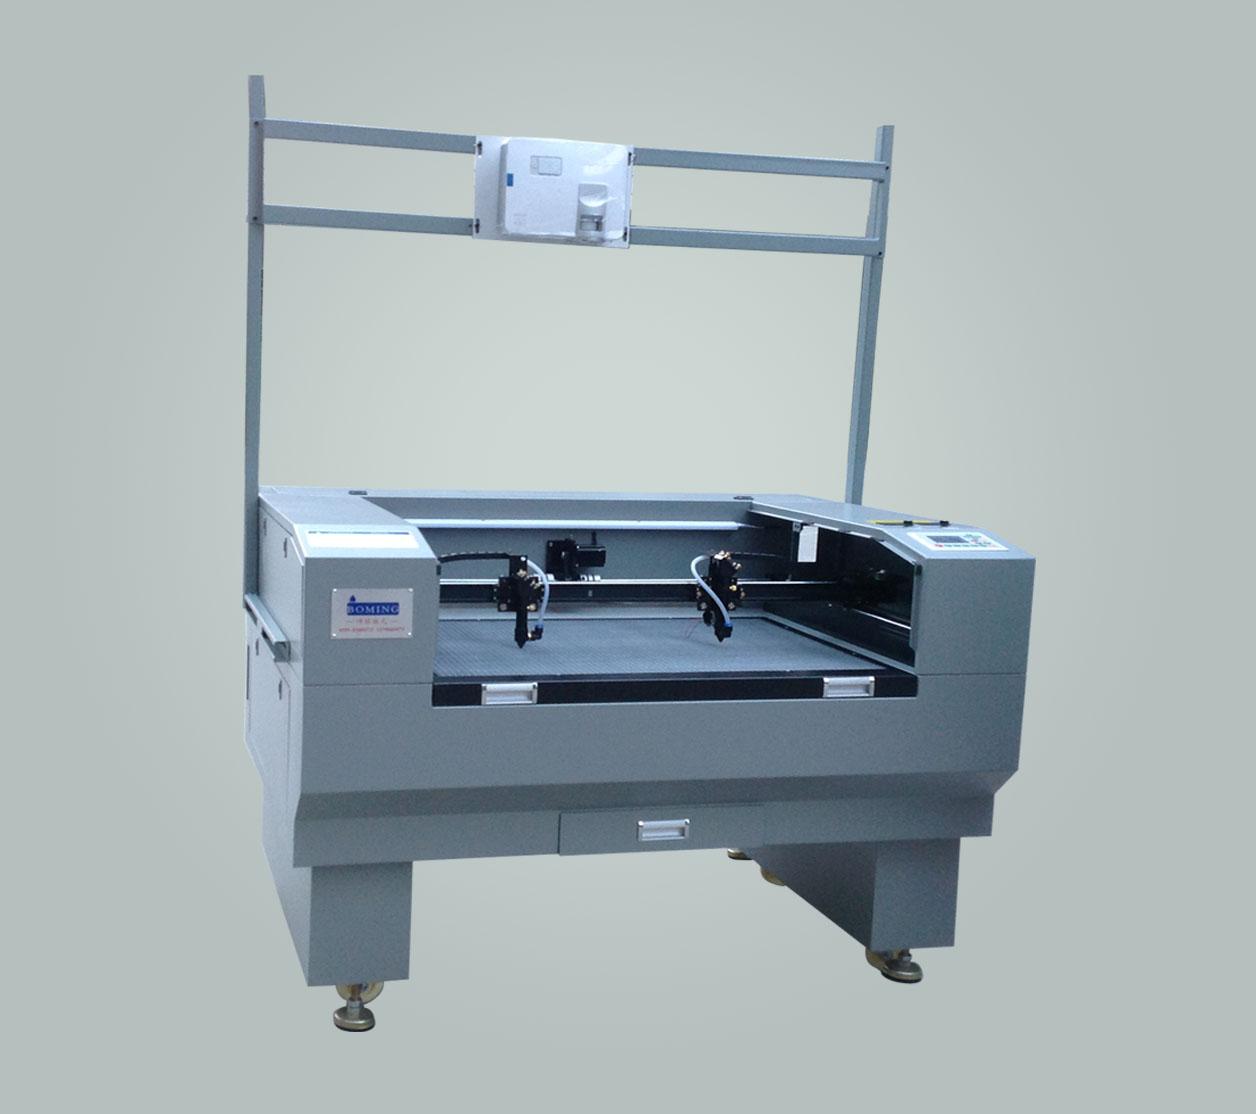 温州飞织投影切割机-瑞安飞织投影切割机-台州飞织投影切割机